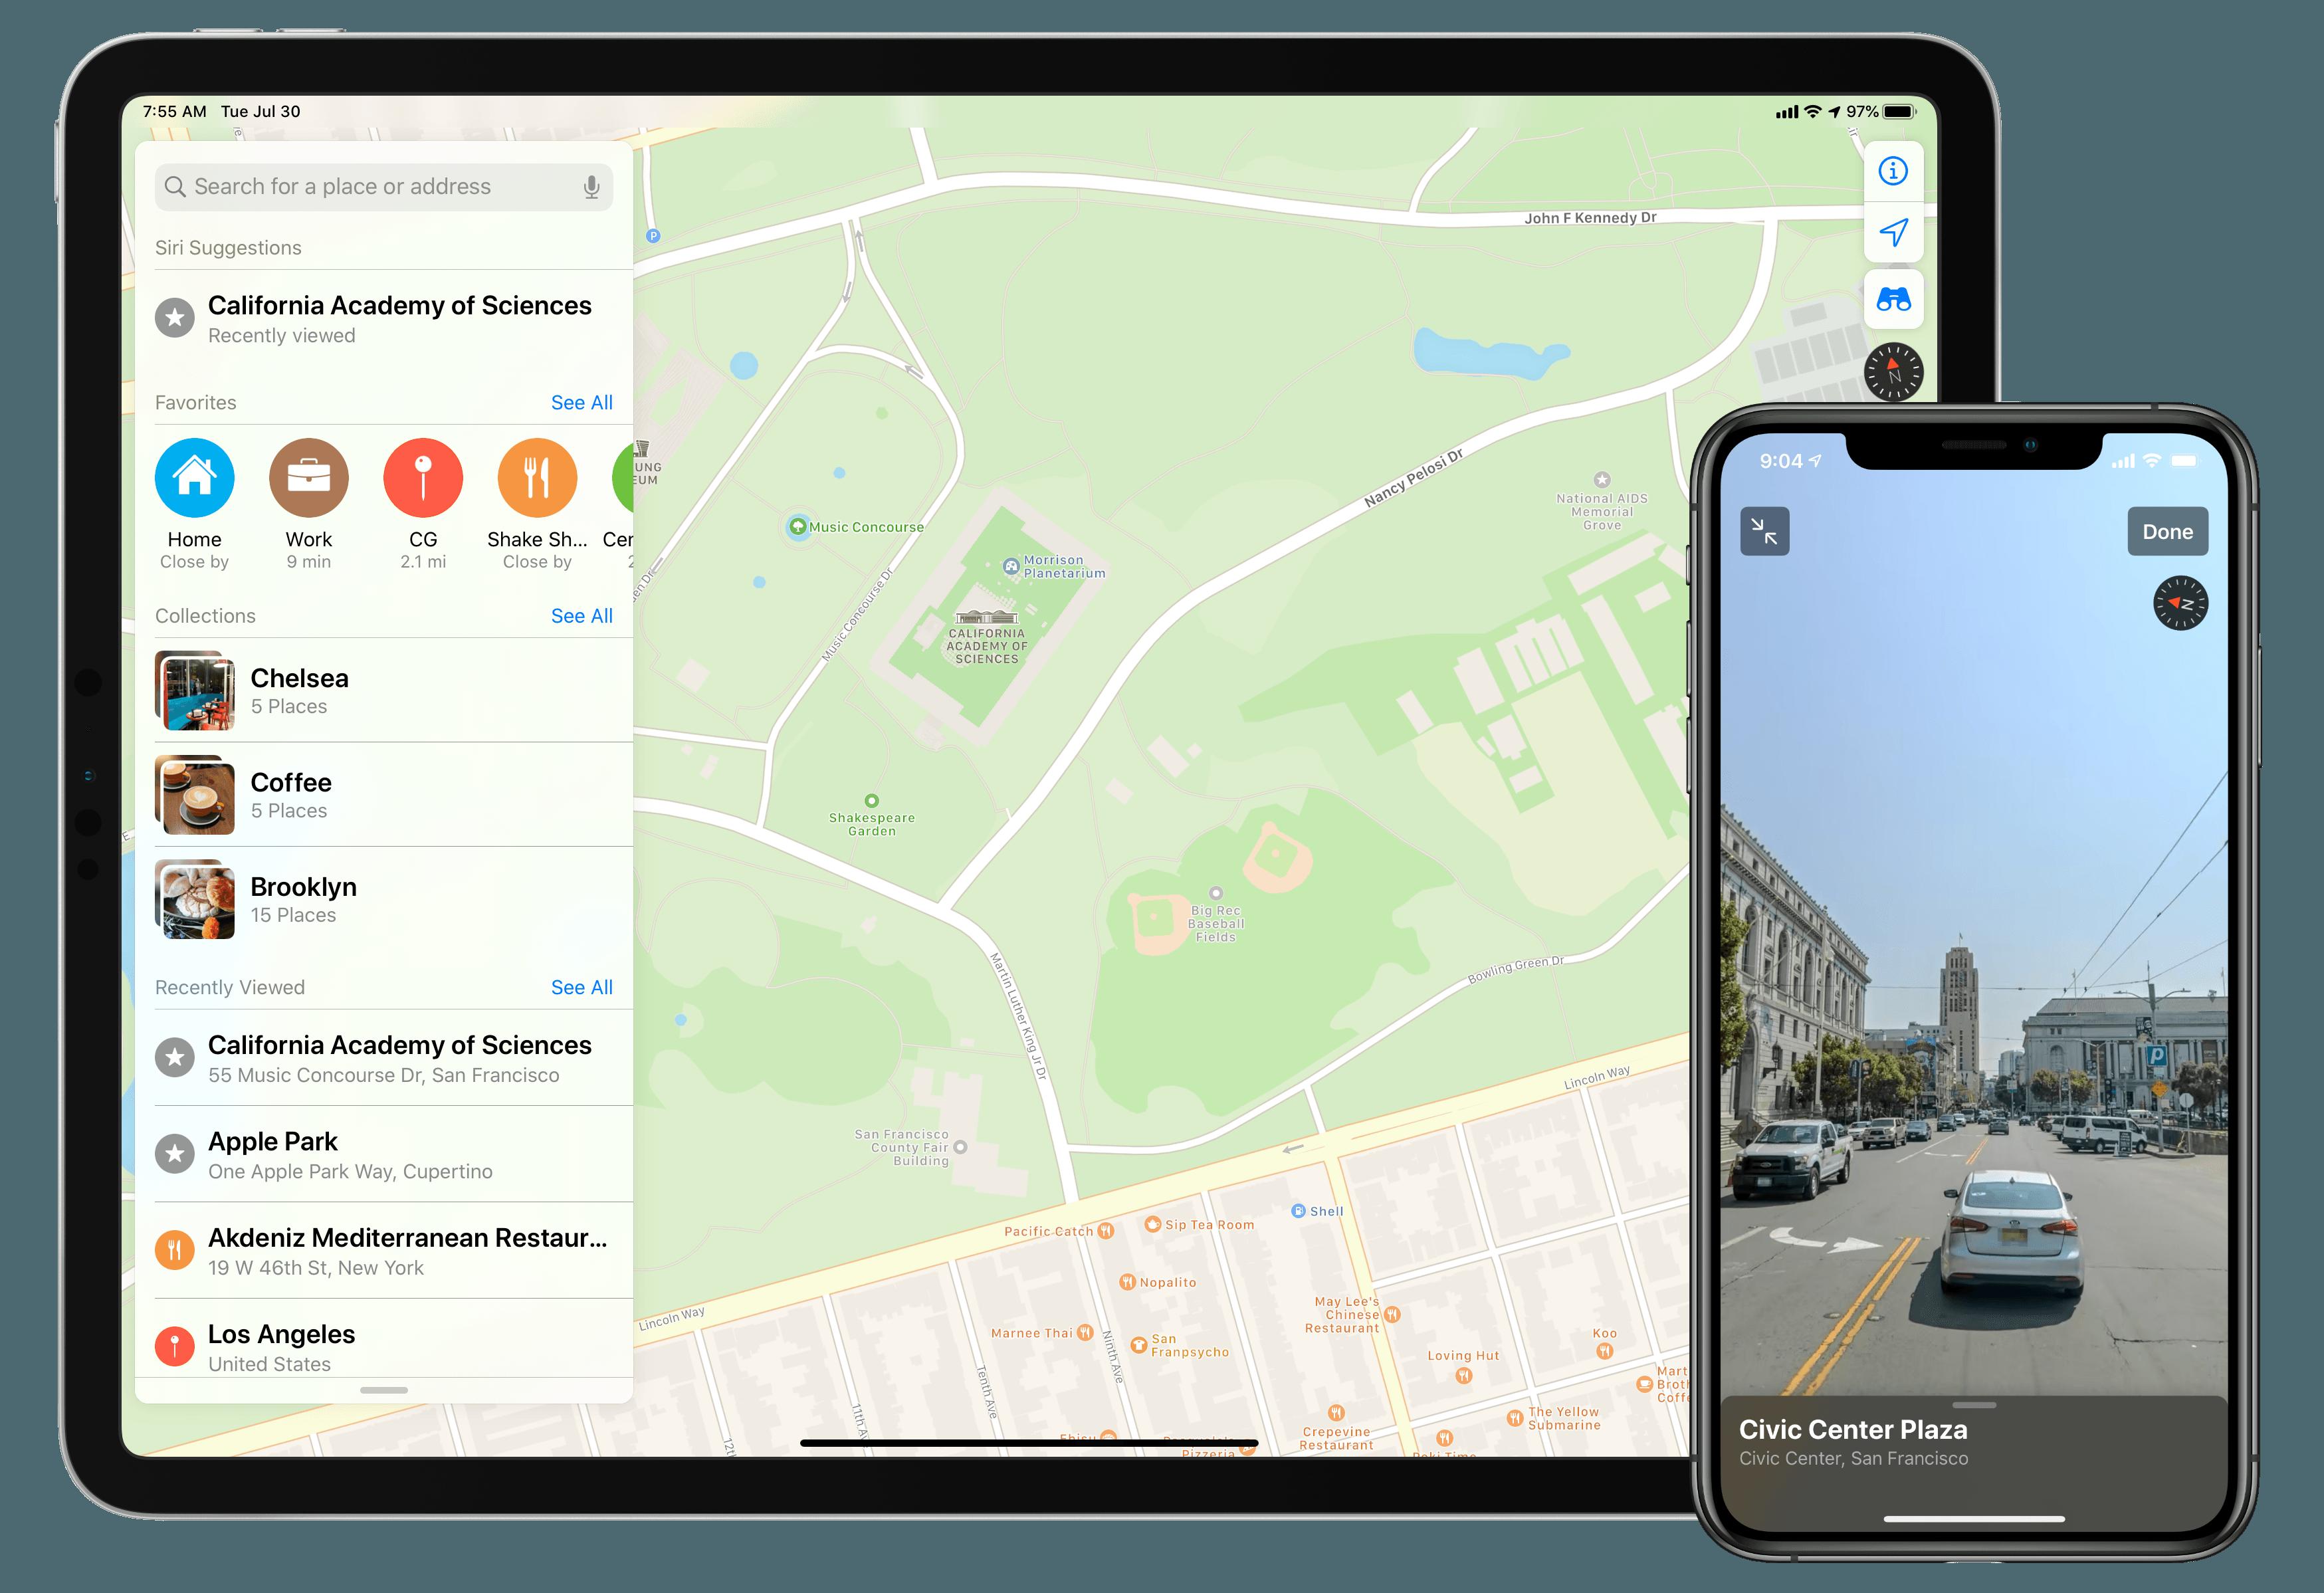 Mapy Apple wyświetlają teraz miejsca szczepień przeciwko COVID-19